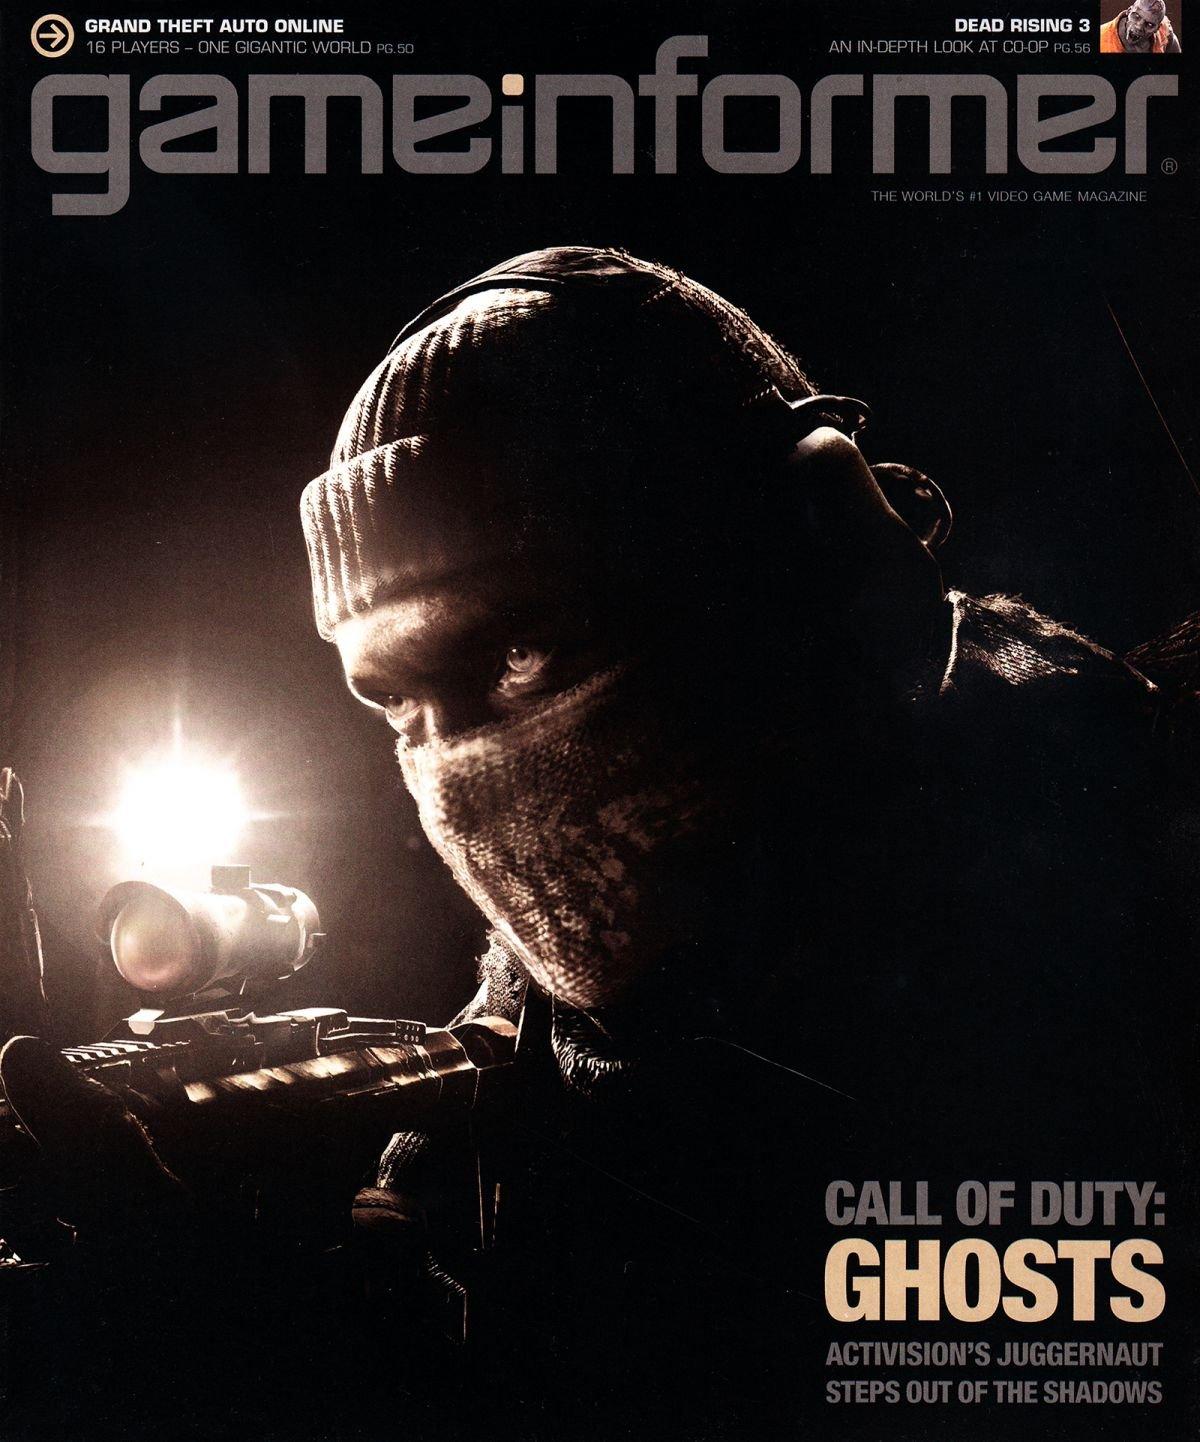 Game Informer Issue 246 October 2013